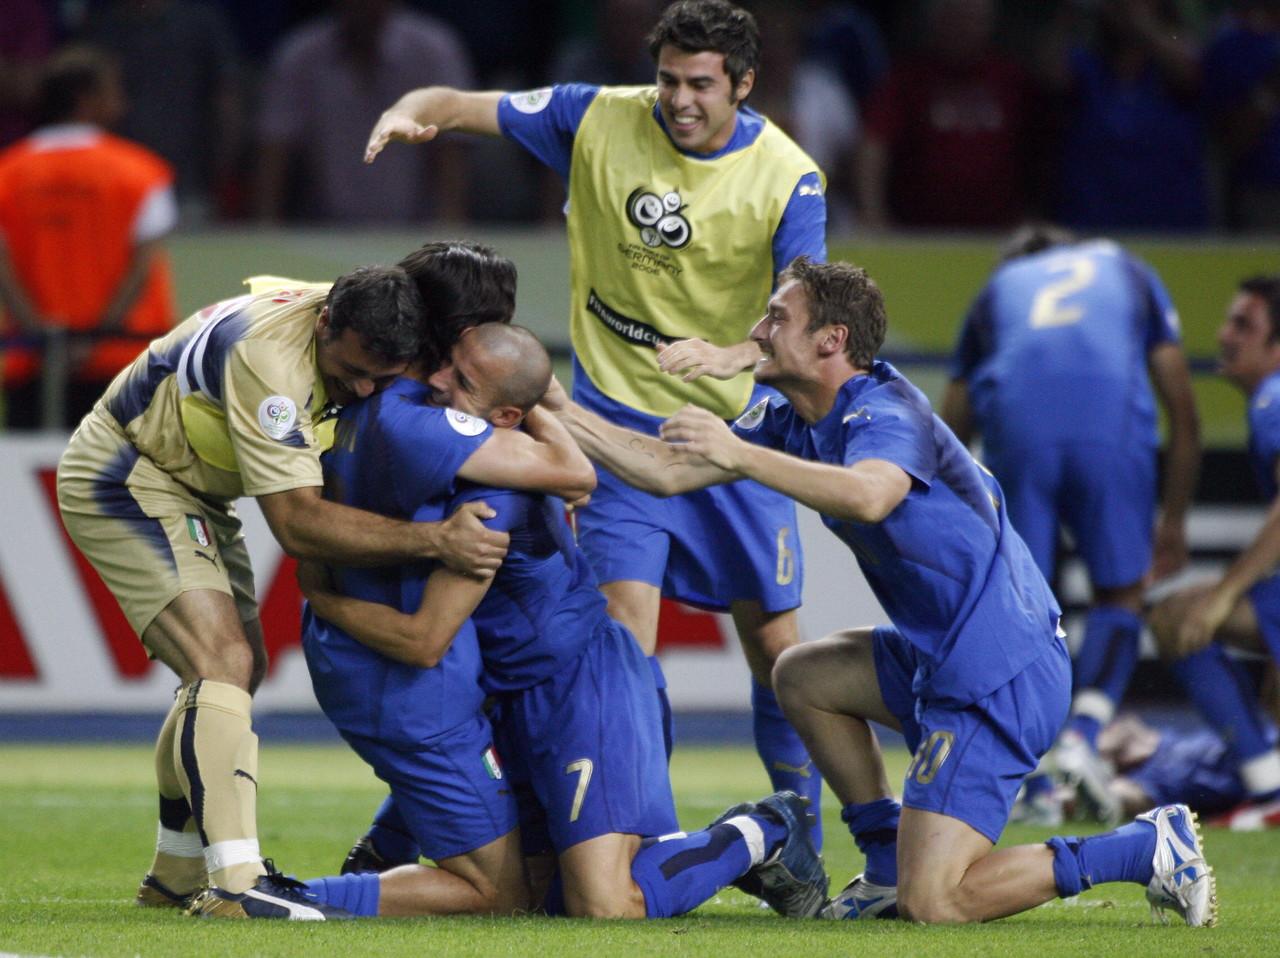 9 luglio 2006: l'Italia batte la Francia e vince il suo quarto Mondiale di calcio